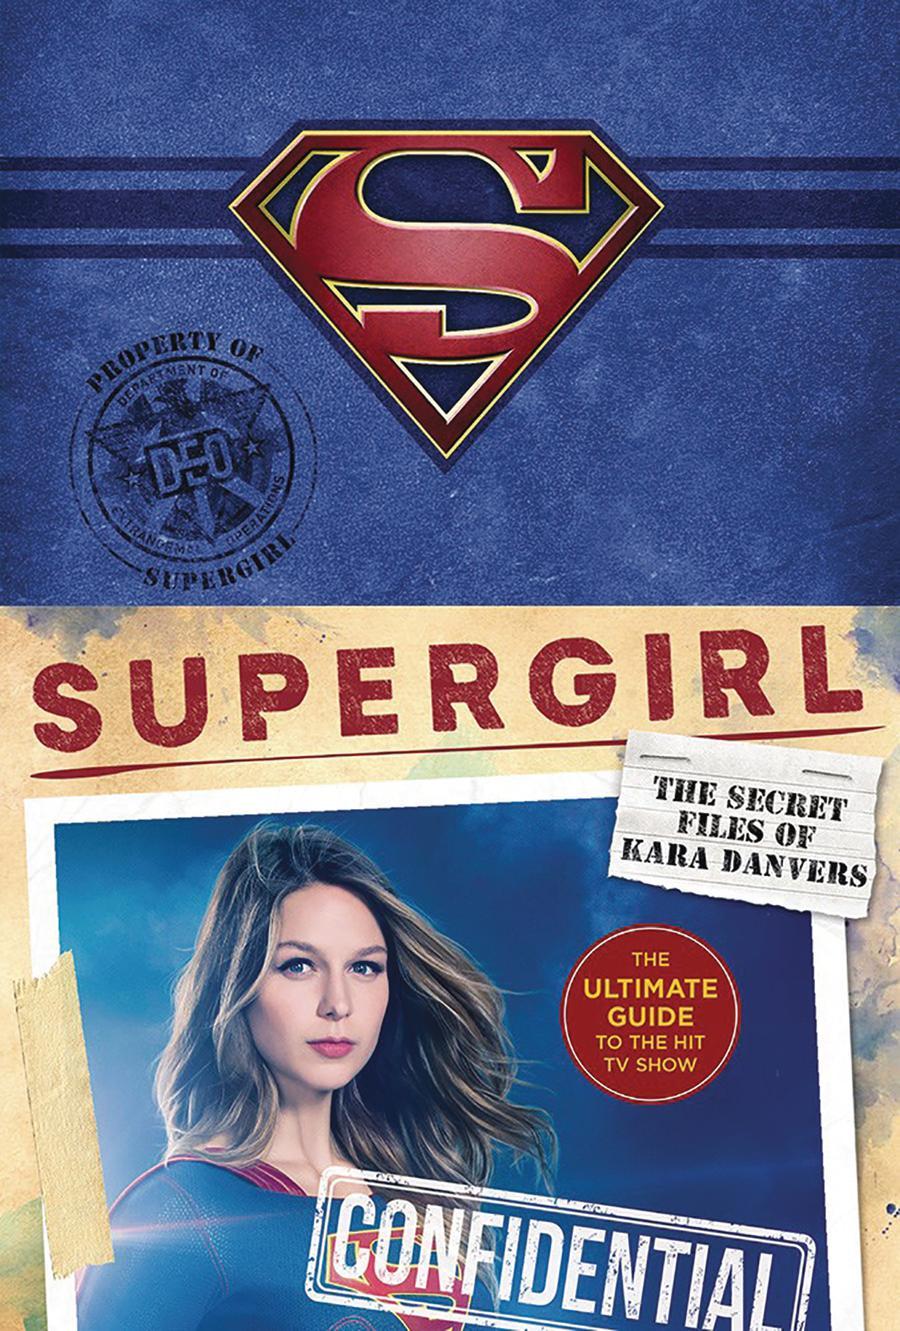 Supergirl: The Secret Files of Kara Danvers